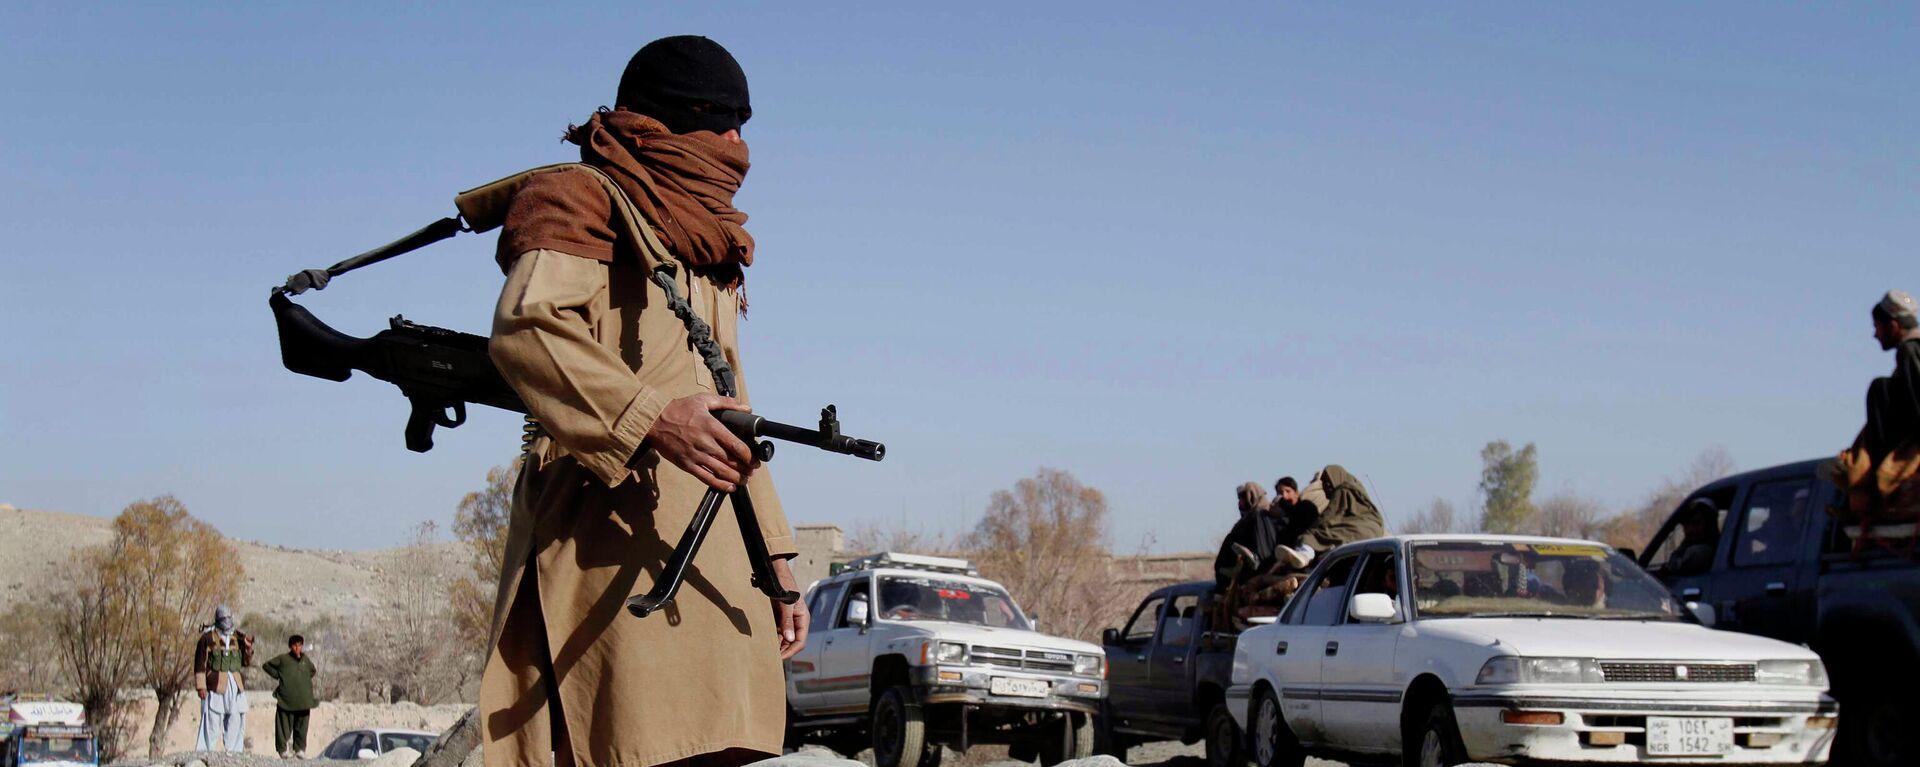 Боевики радикального движения Талибан в Афганистане  - Sputnik Латвия, 1920, 10.07.2021